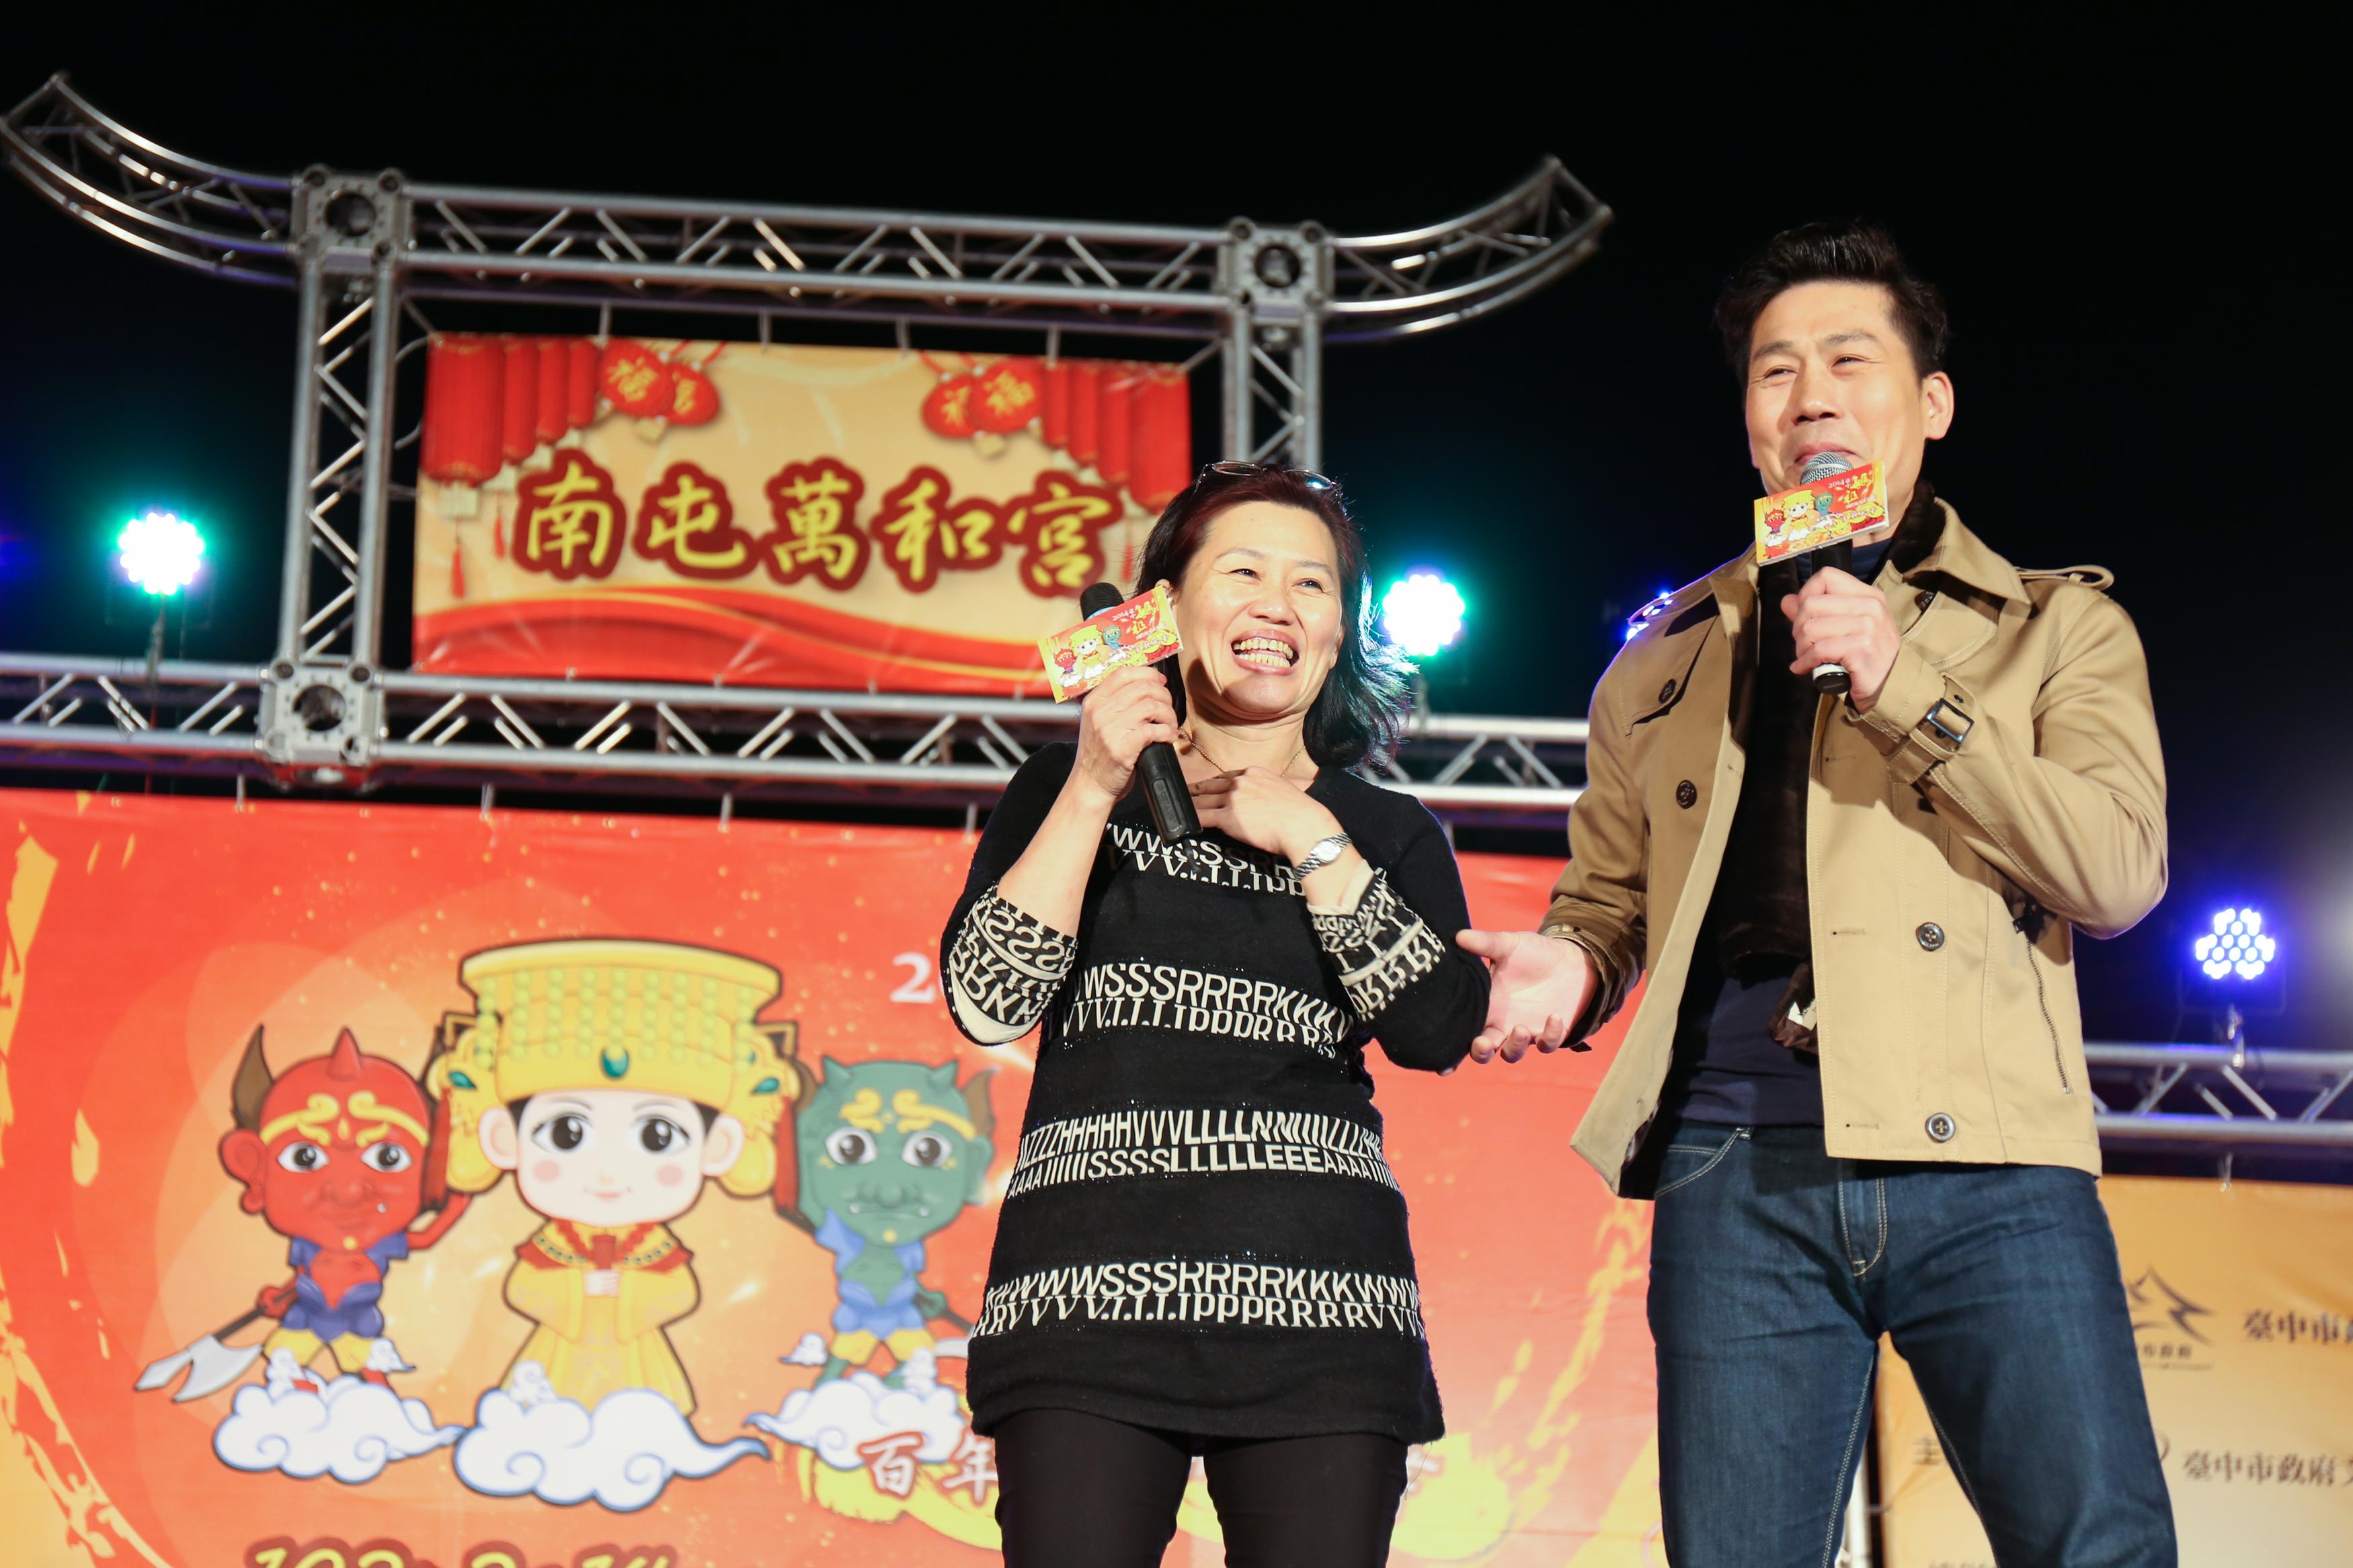 台中媽祖國際觀光文化節在萬和宮,台中婚錄推薦18